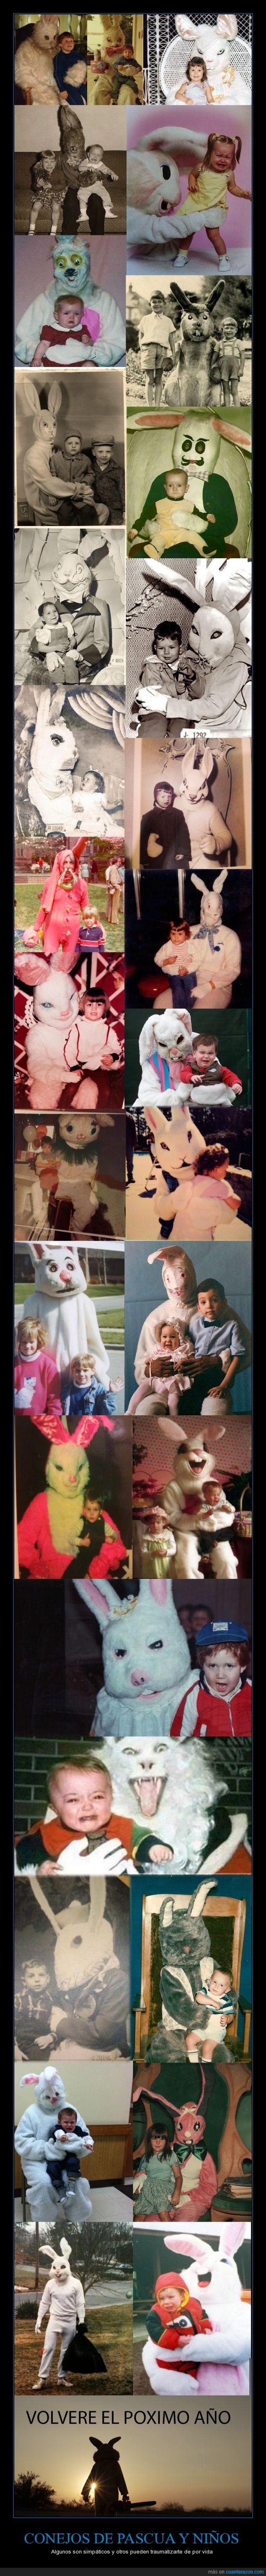 Conejos,diabolicos,extras de peliculas de terror,pascuas